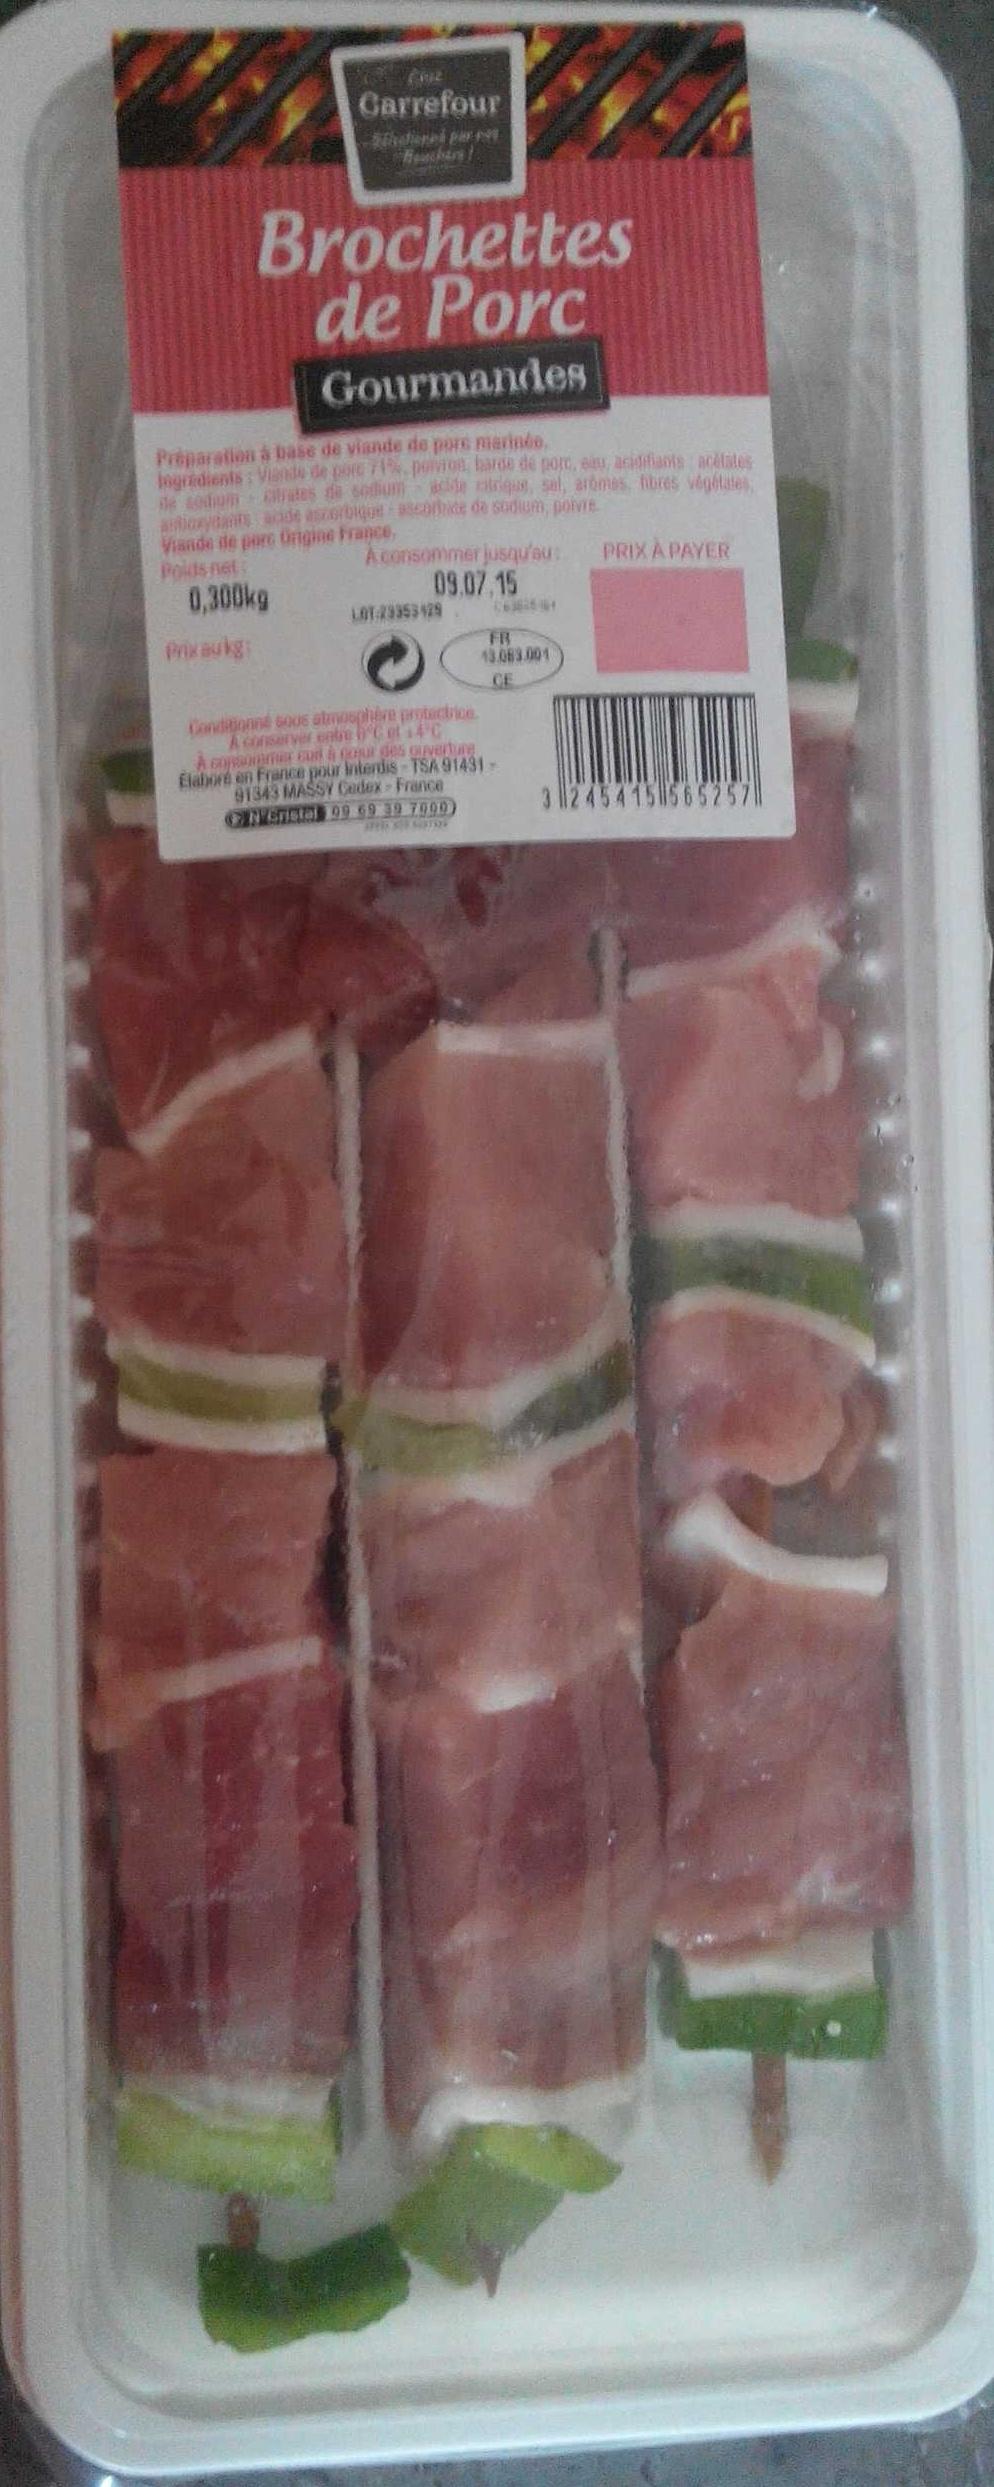 Brochettes de porc gourmandes - Produit